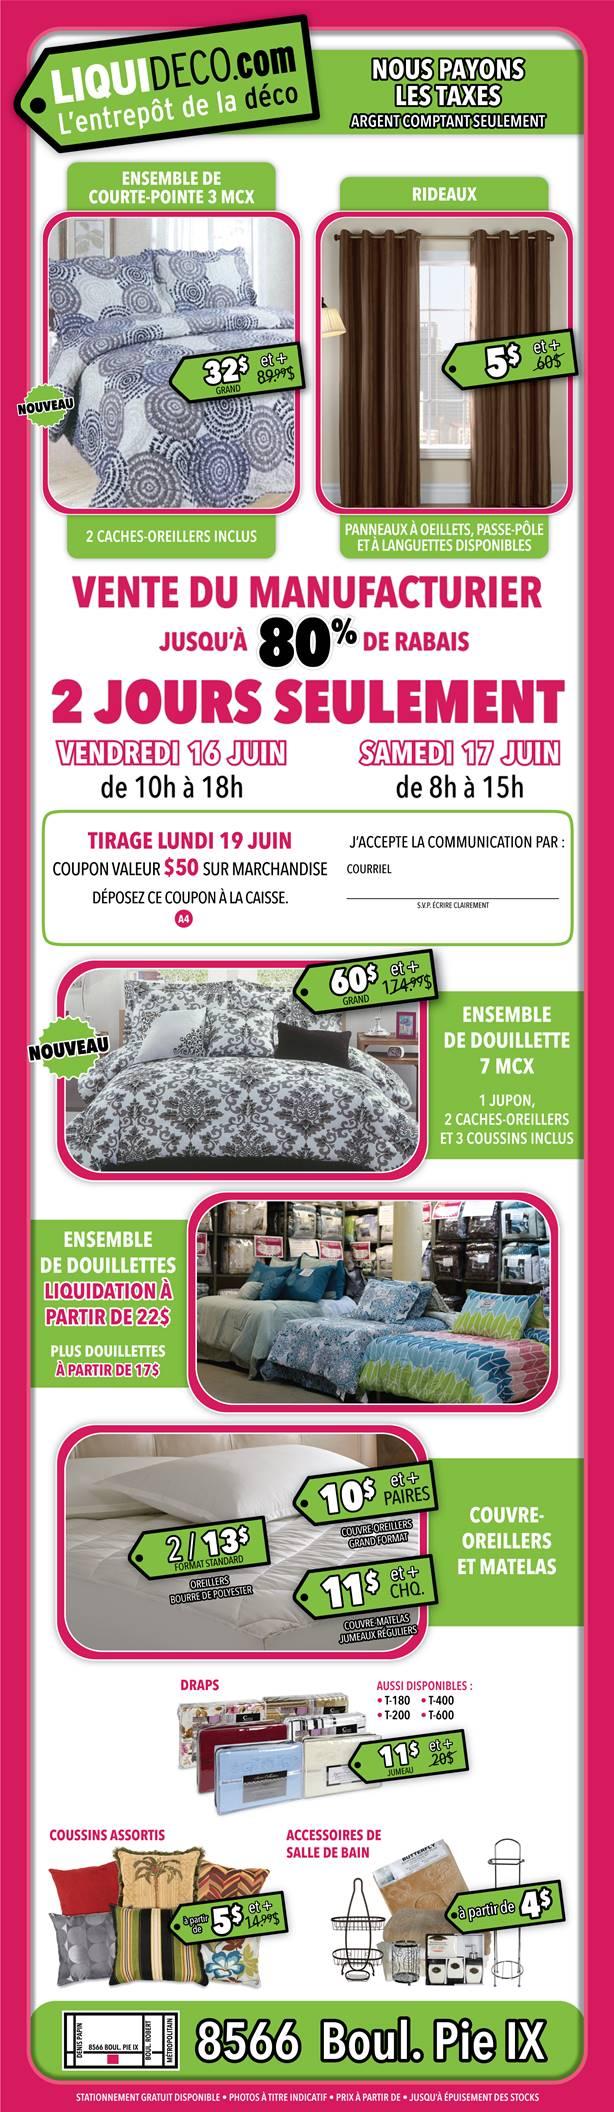 Liquideco June Sale image00341